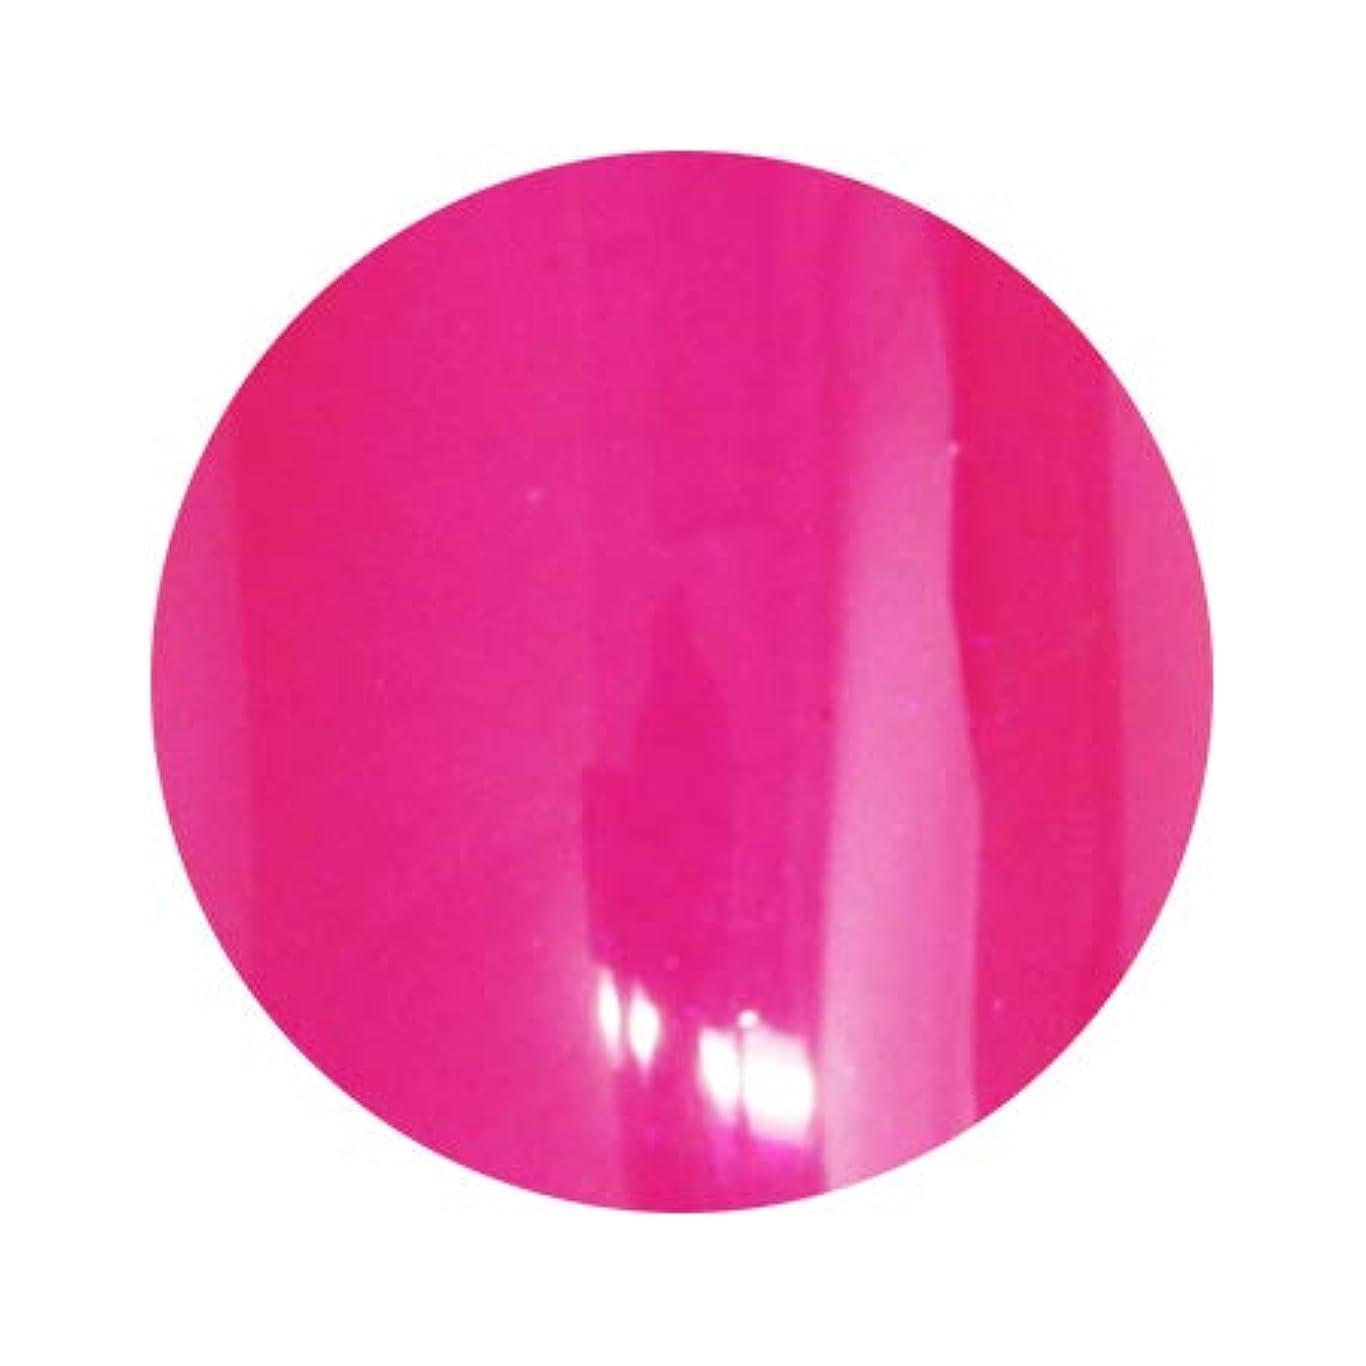 アパートバースくしゃくしゃLUCU GEL ルクジェル カラー RES01 ルビー 3.5g